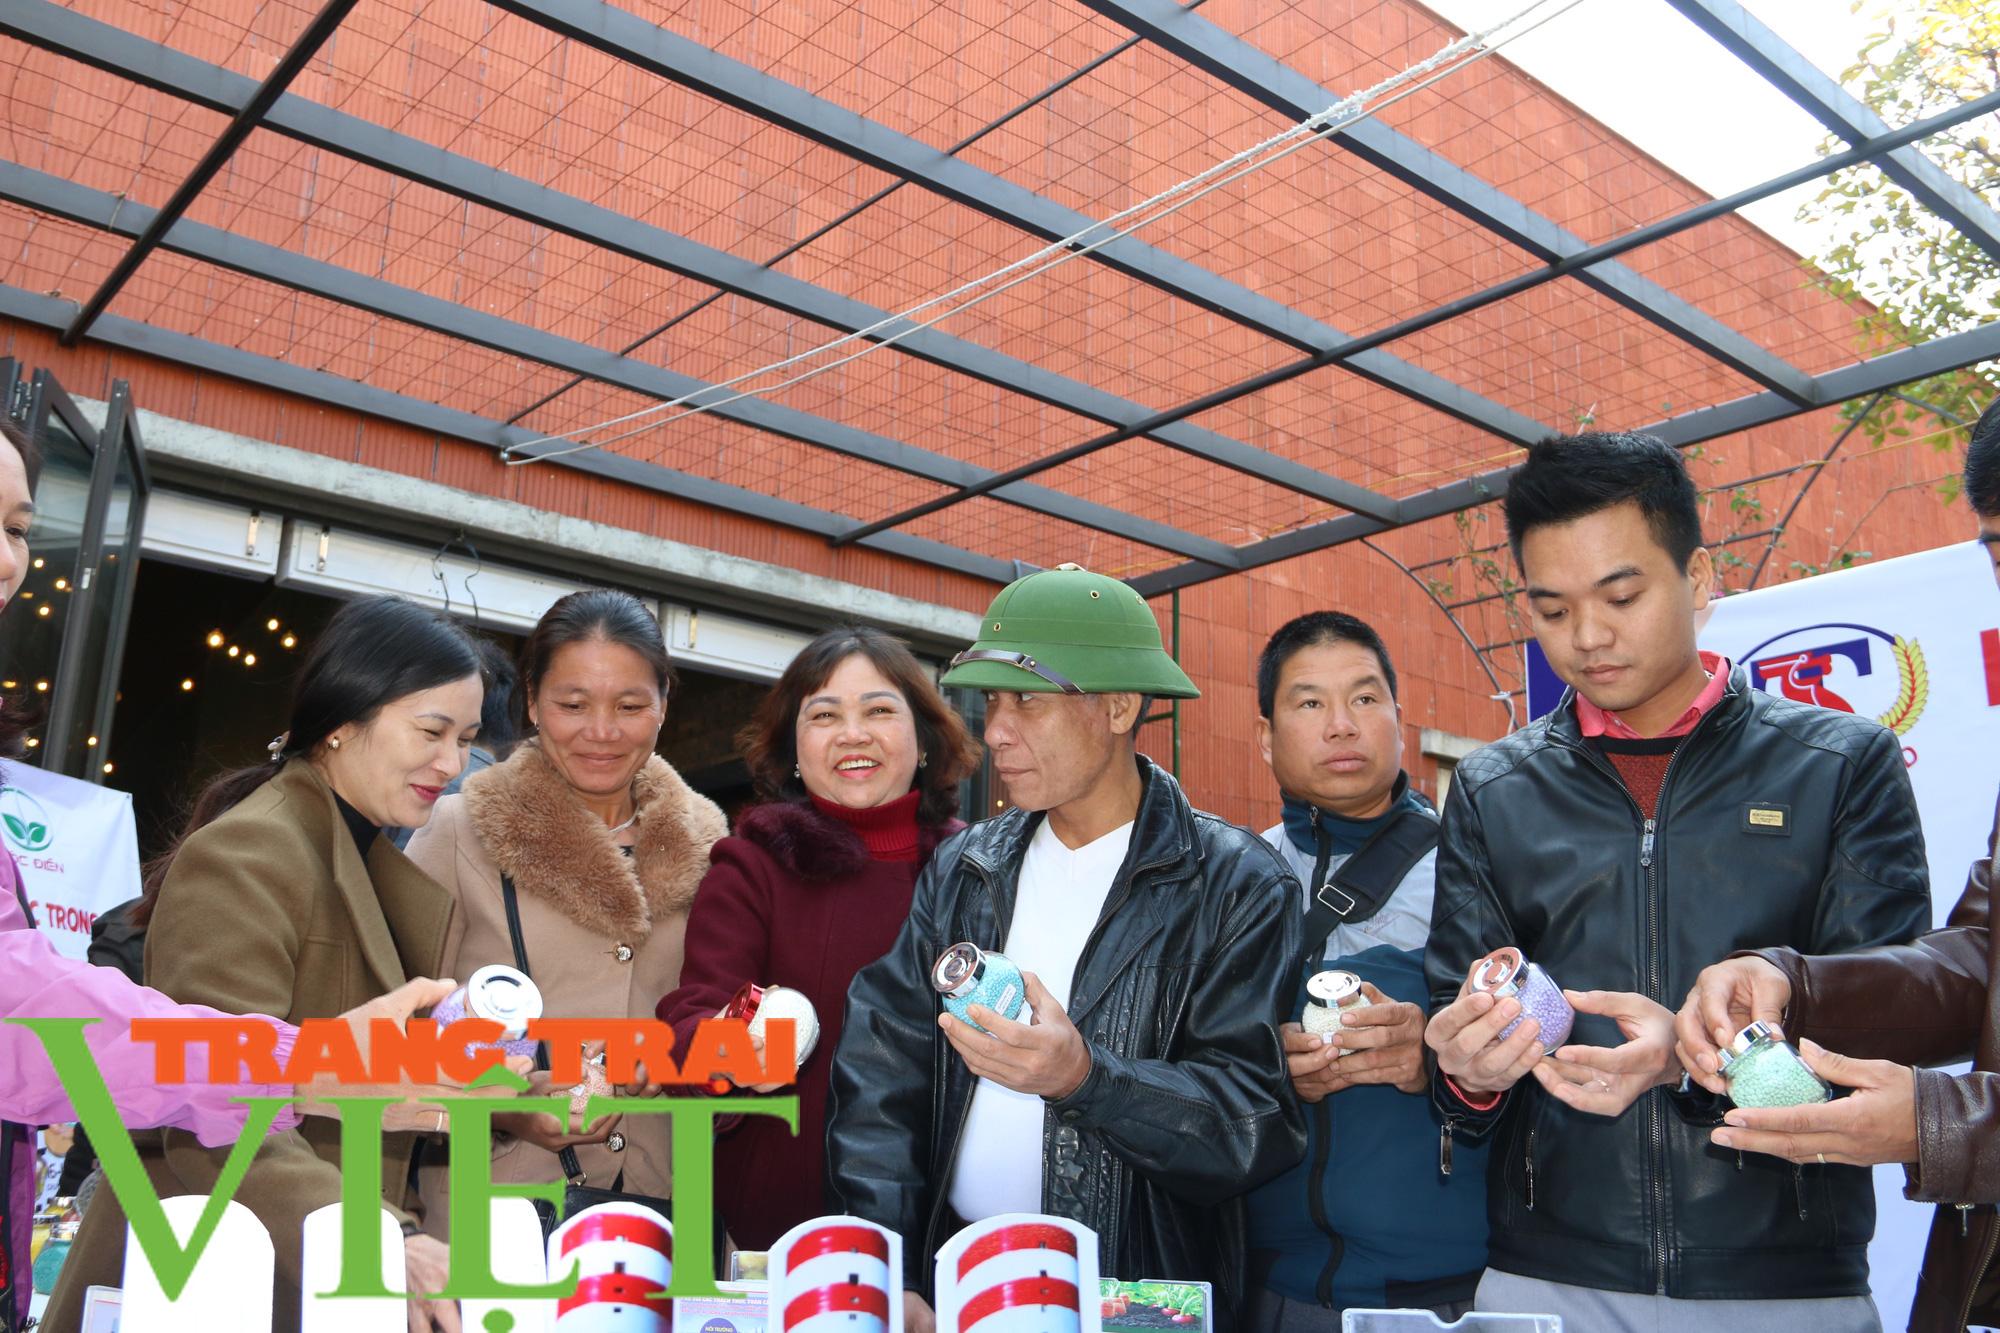 Hội Nông dân Sơn La hỗ trợ các hội viên phát triển kinh tế - Ảnh 5.